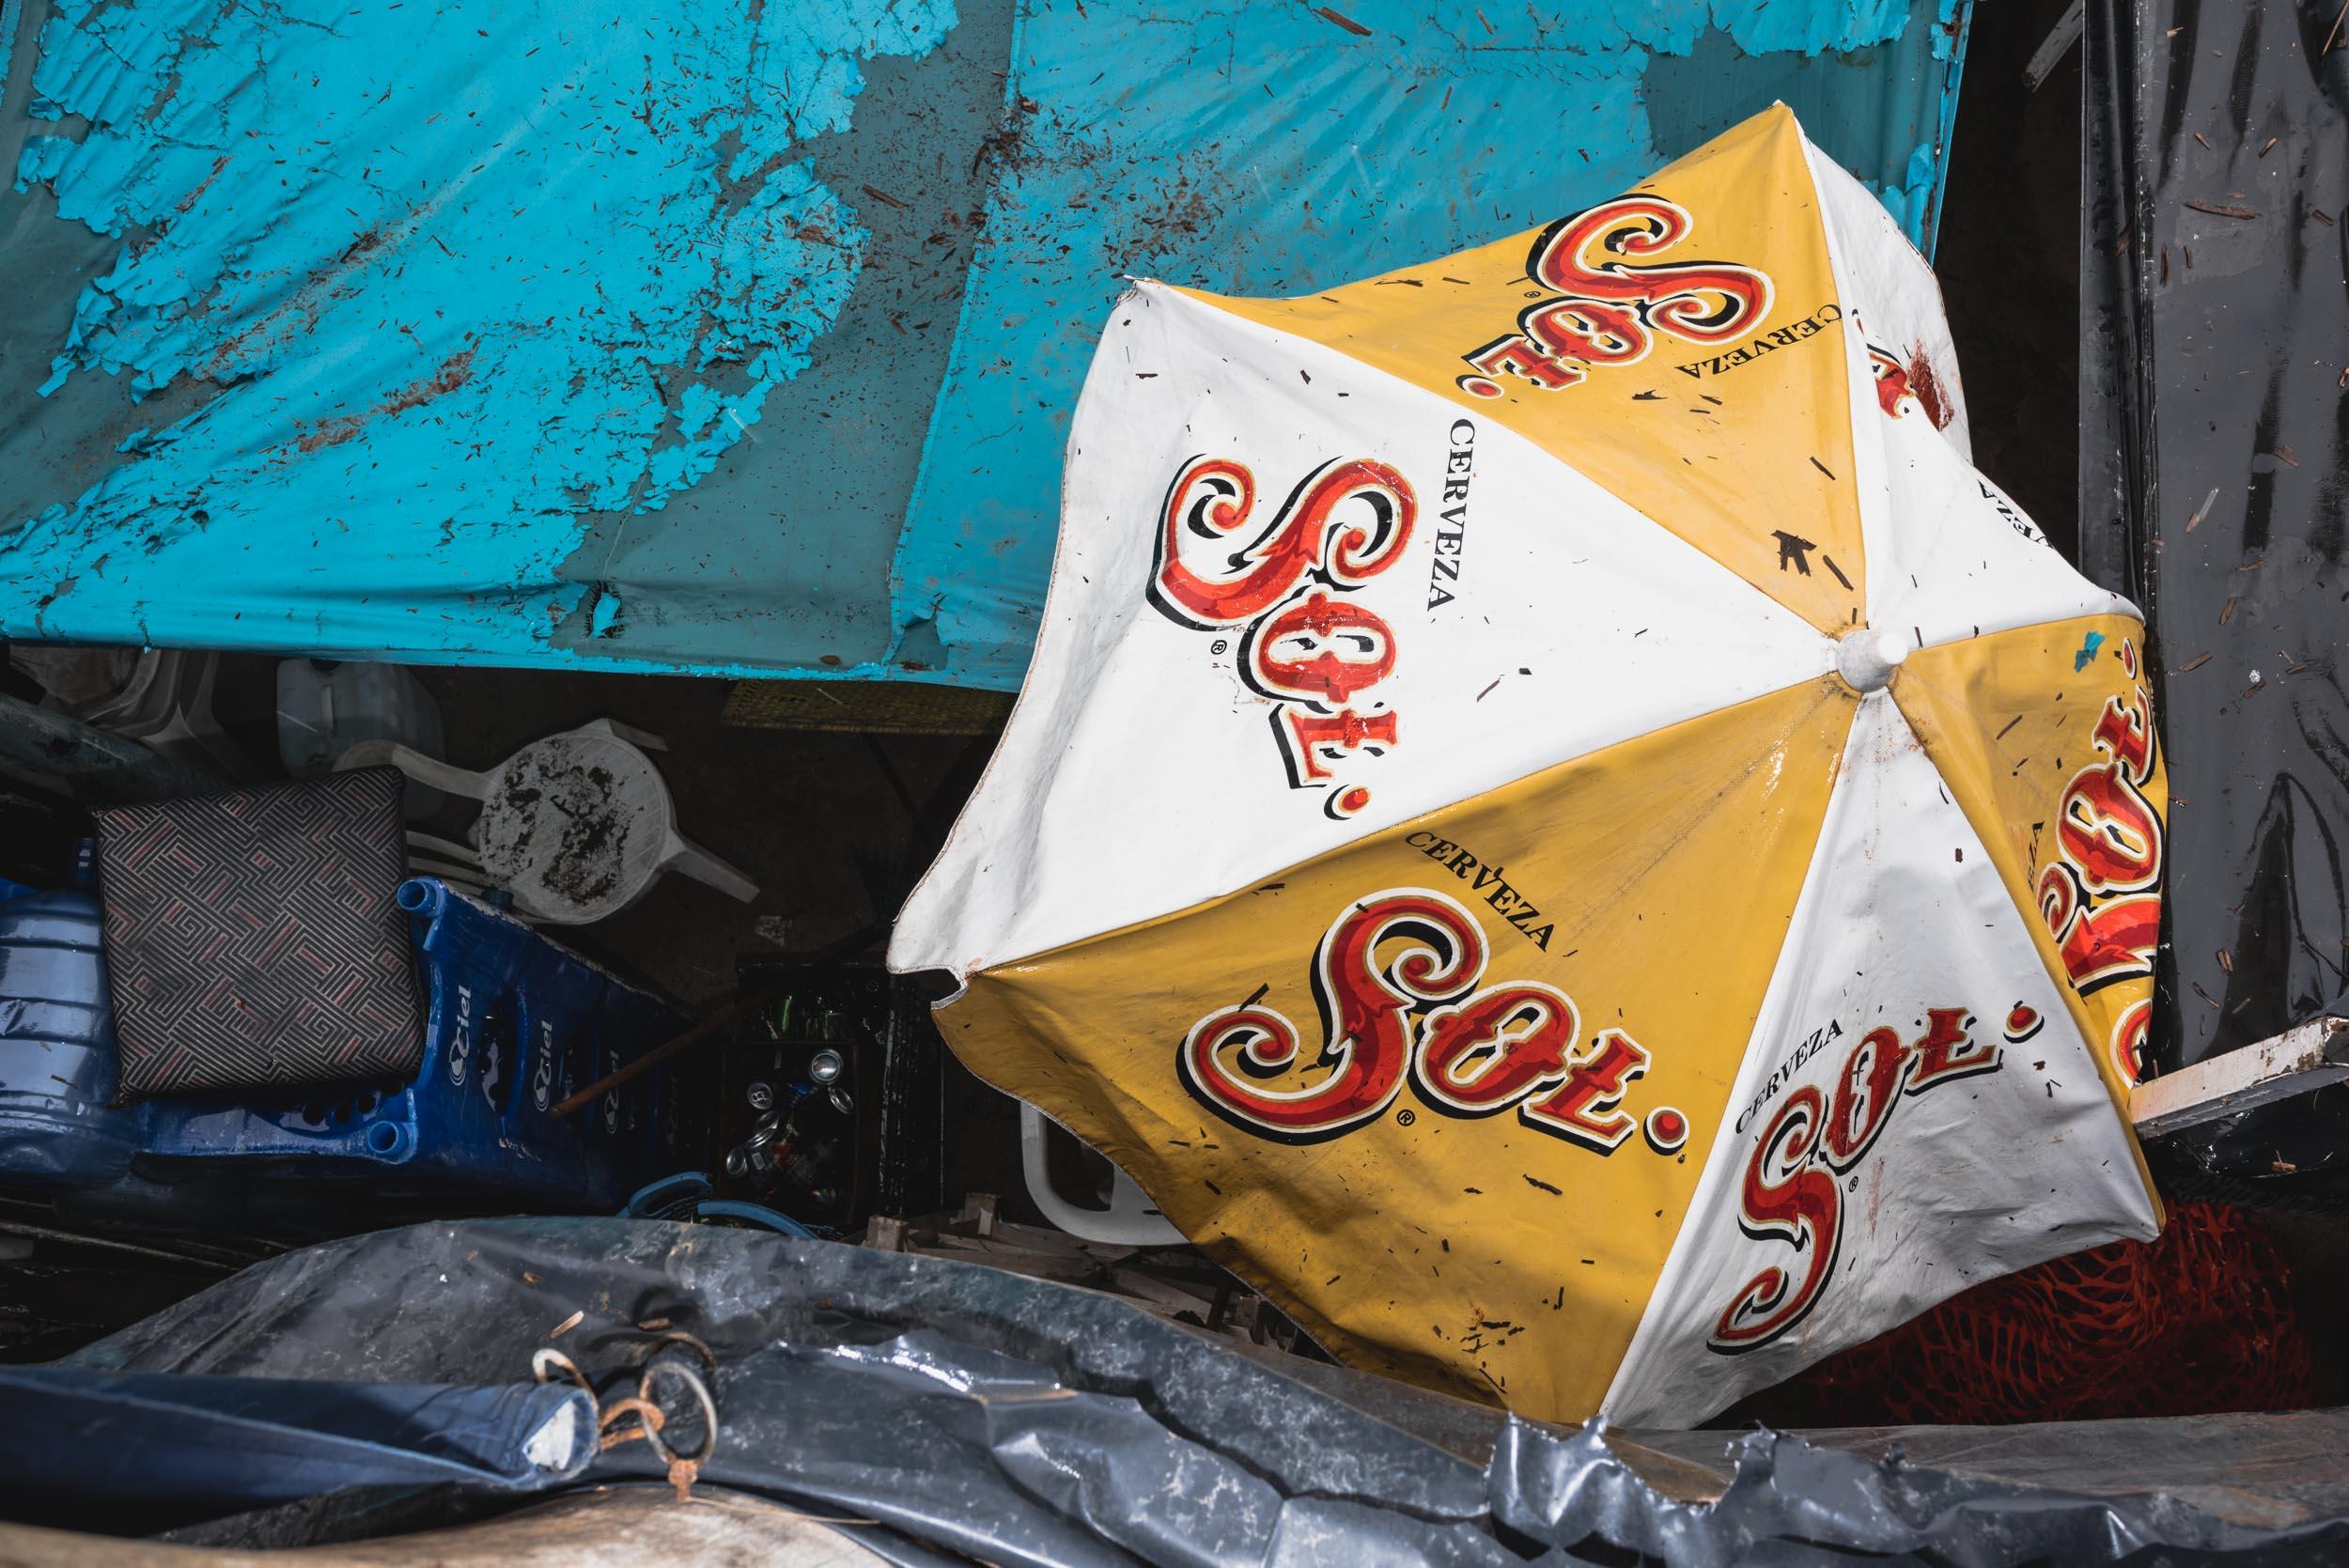 Puerto Vallarta restaurant umbrellas